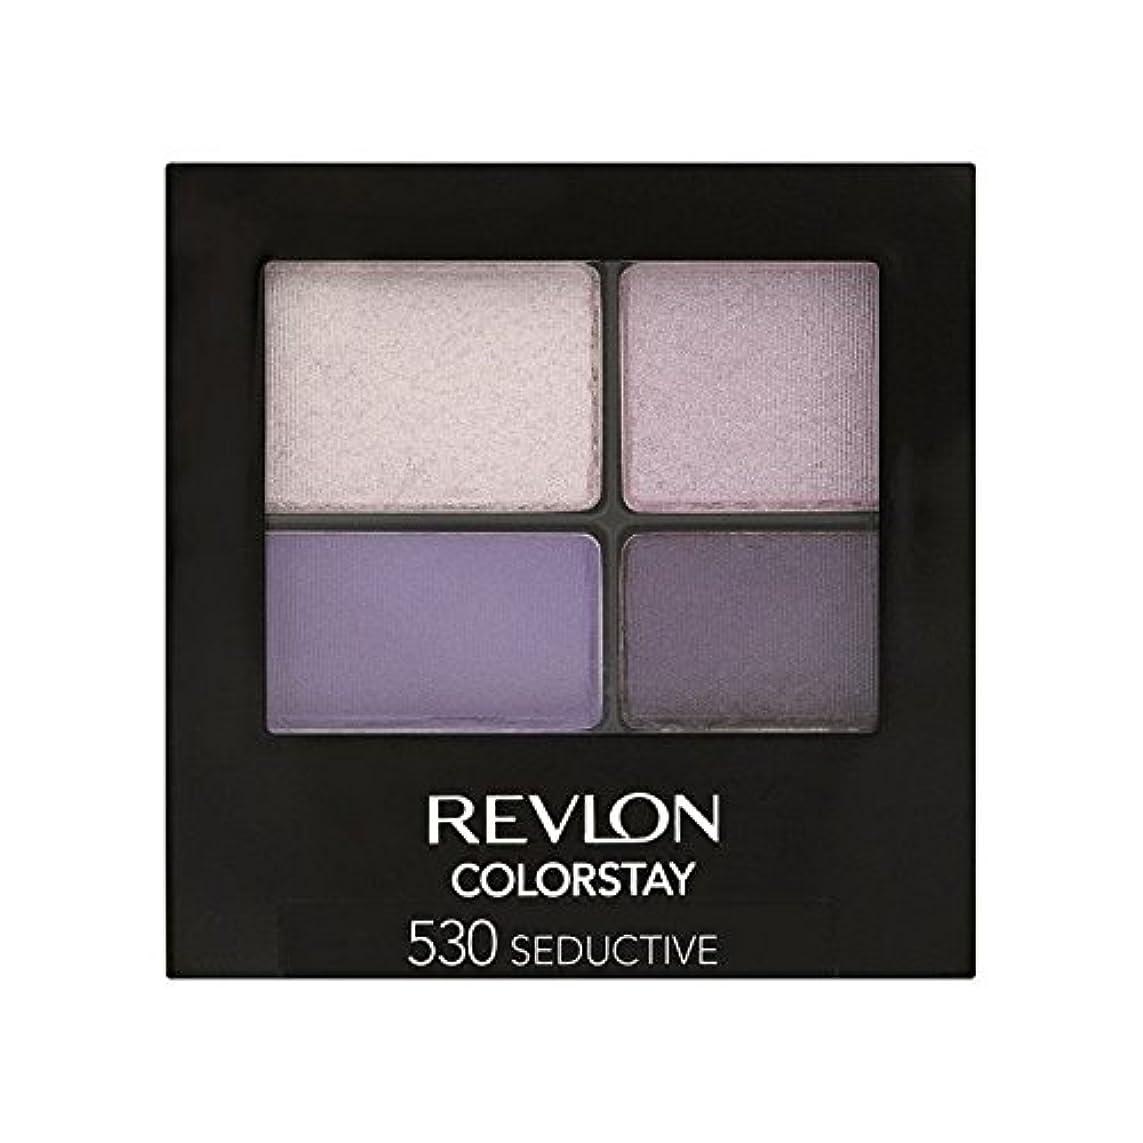 正確さ解き明かす富豪Revlon Colorstay 16 Hour Eye Shadow Seductive 530 - レブロンの 16時間アイシャドウ誘惑530 [並行輸入品]